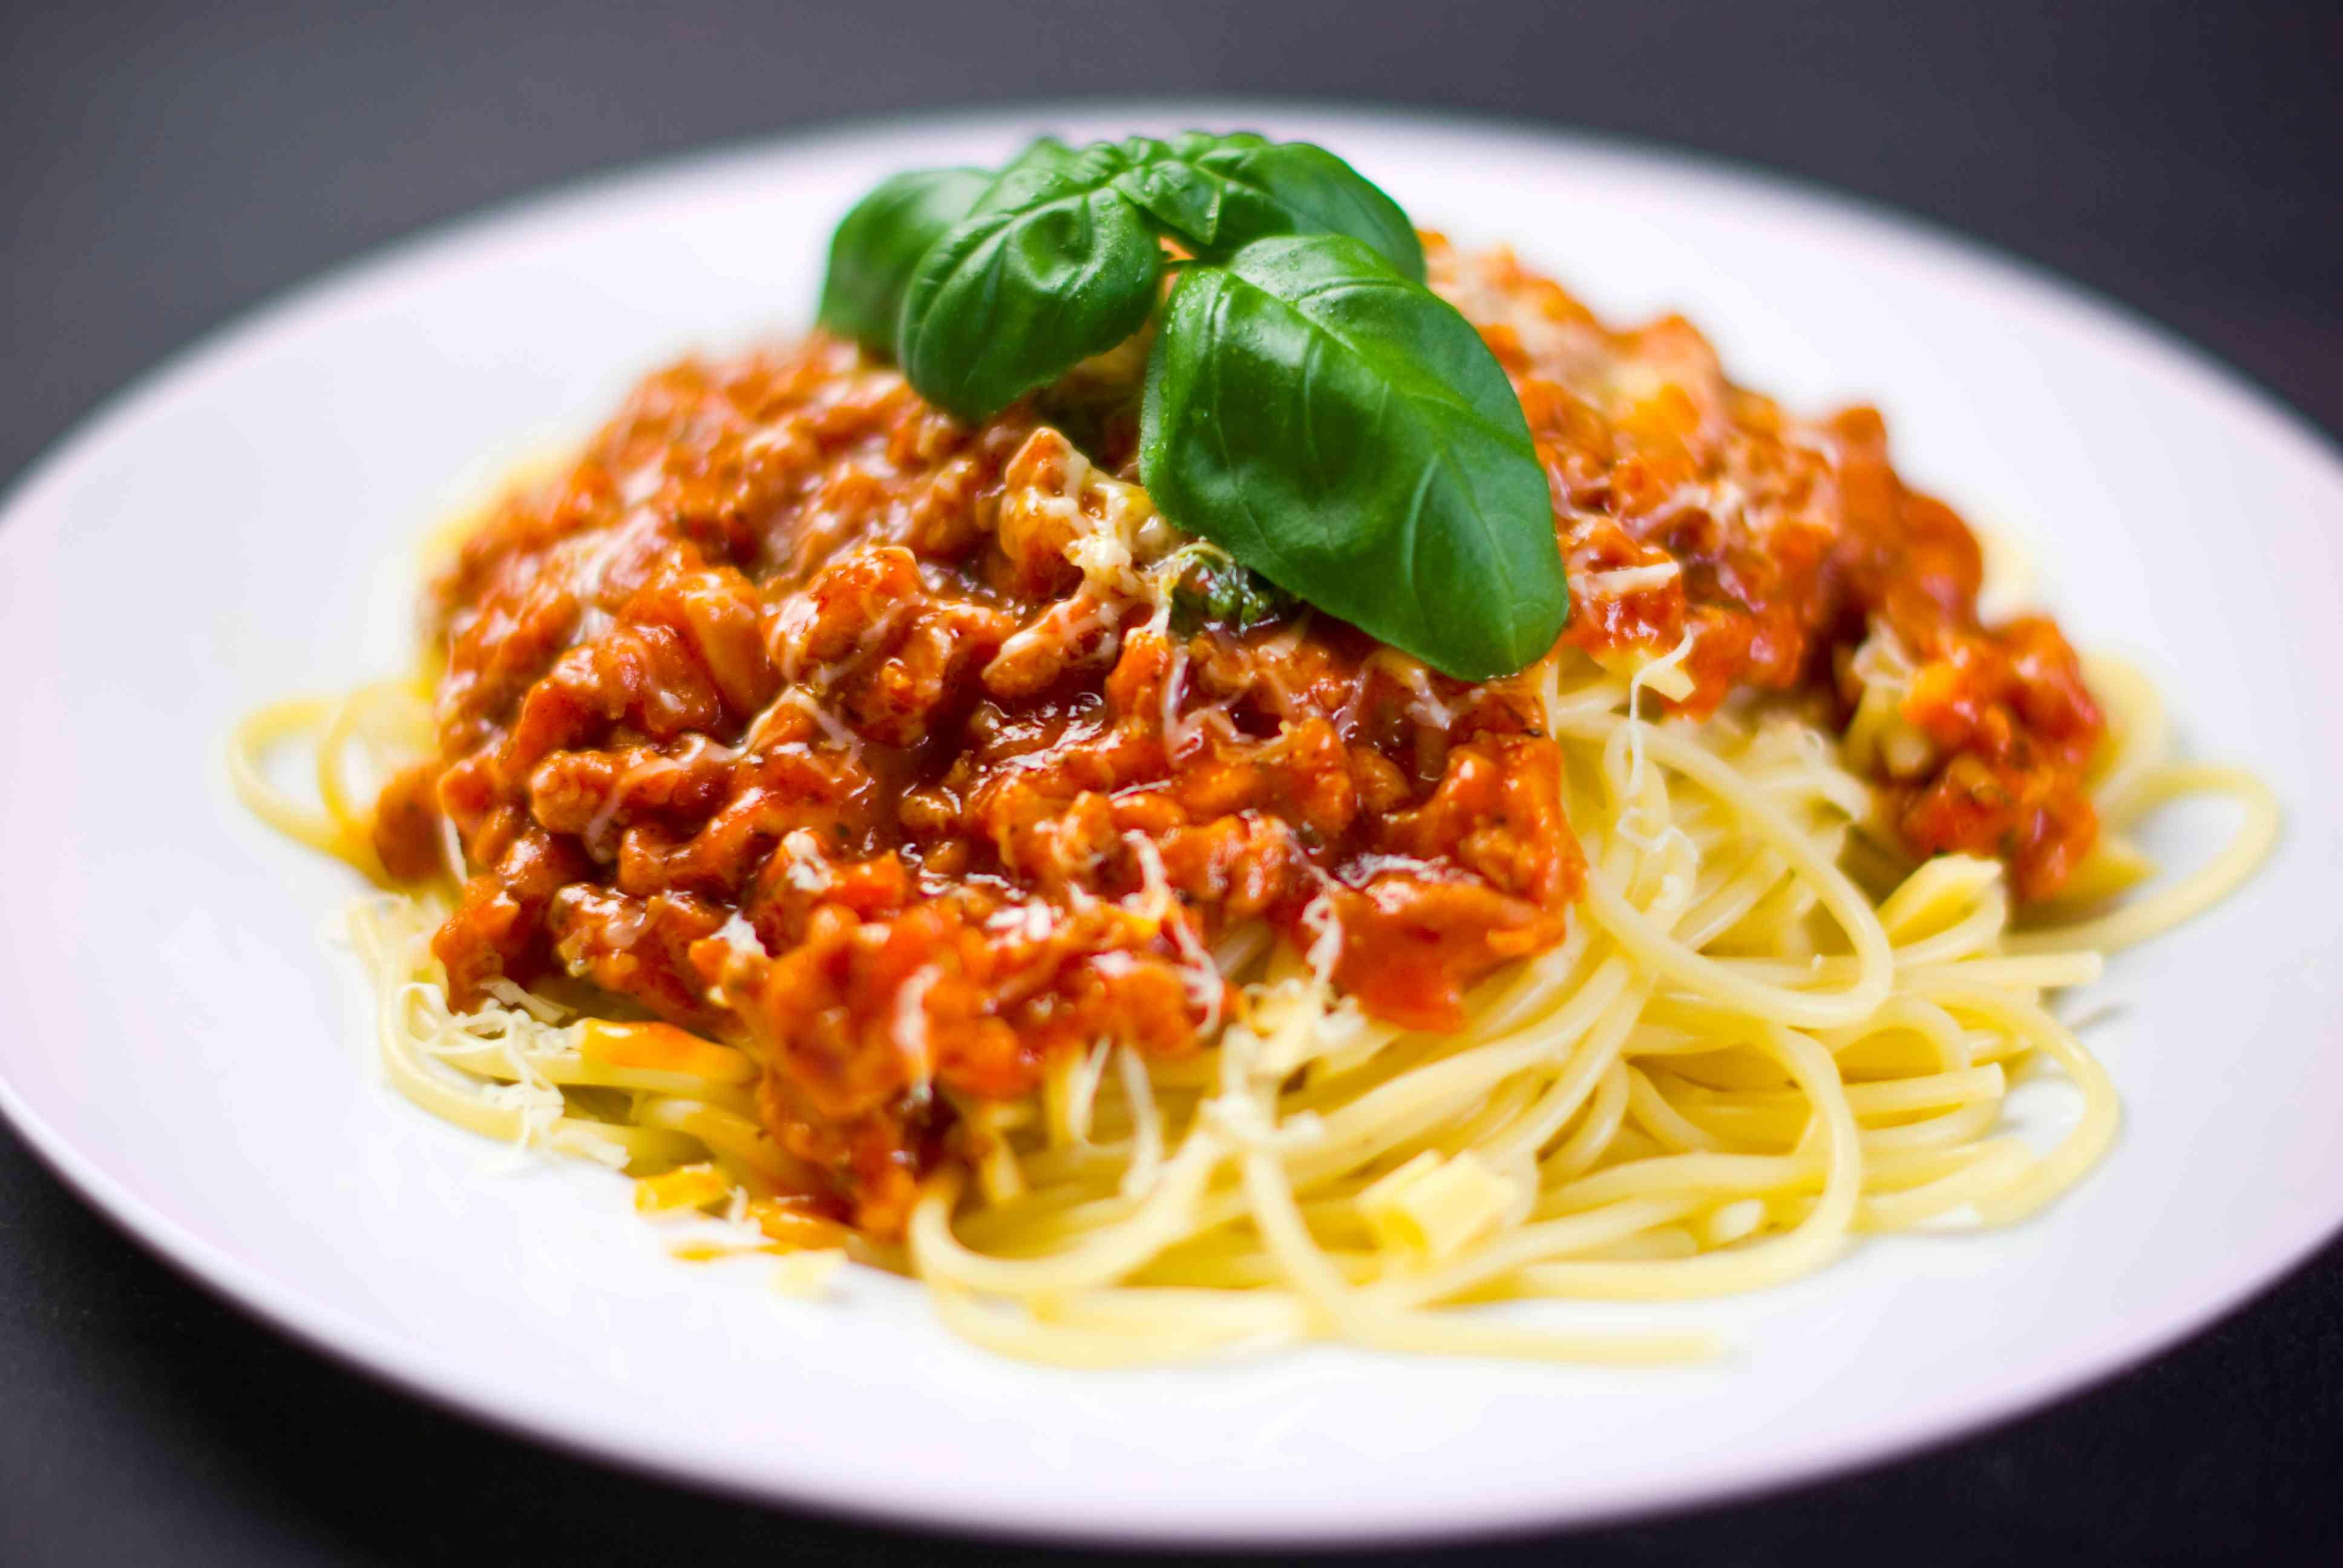 Spaghetti Bolentilaise